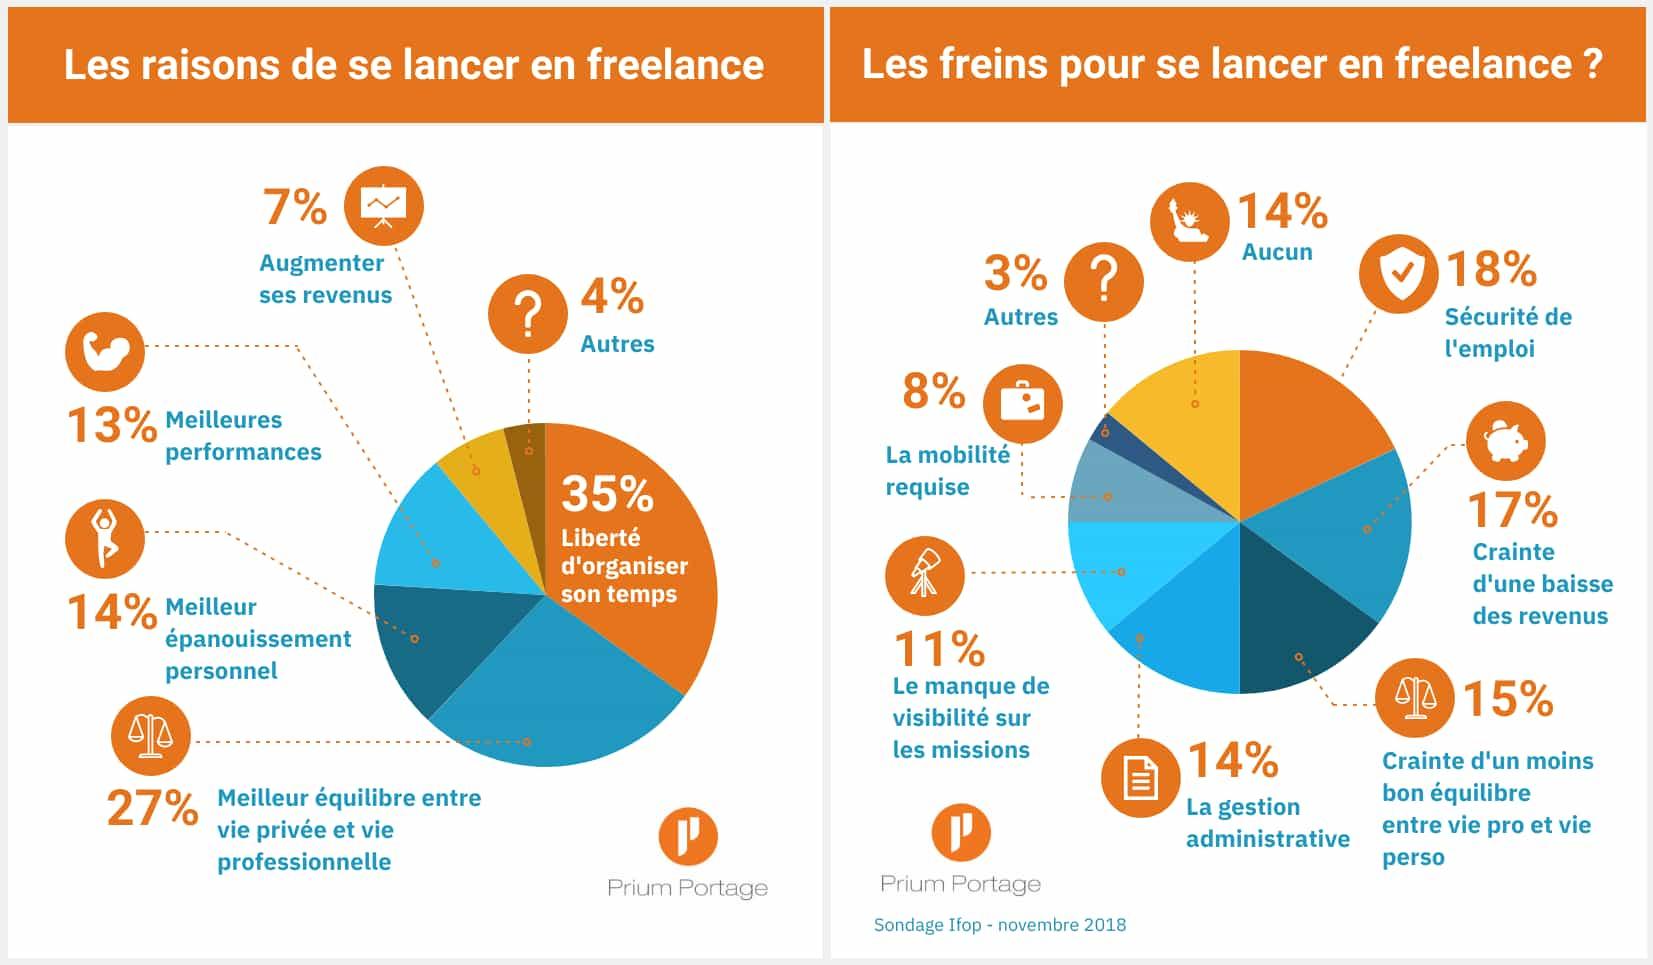 Infographie sur les motivations et les freins pour se lancer en freelance